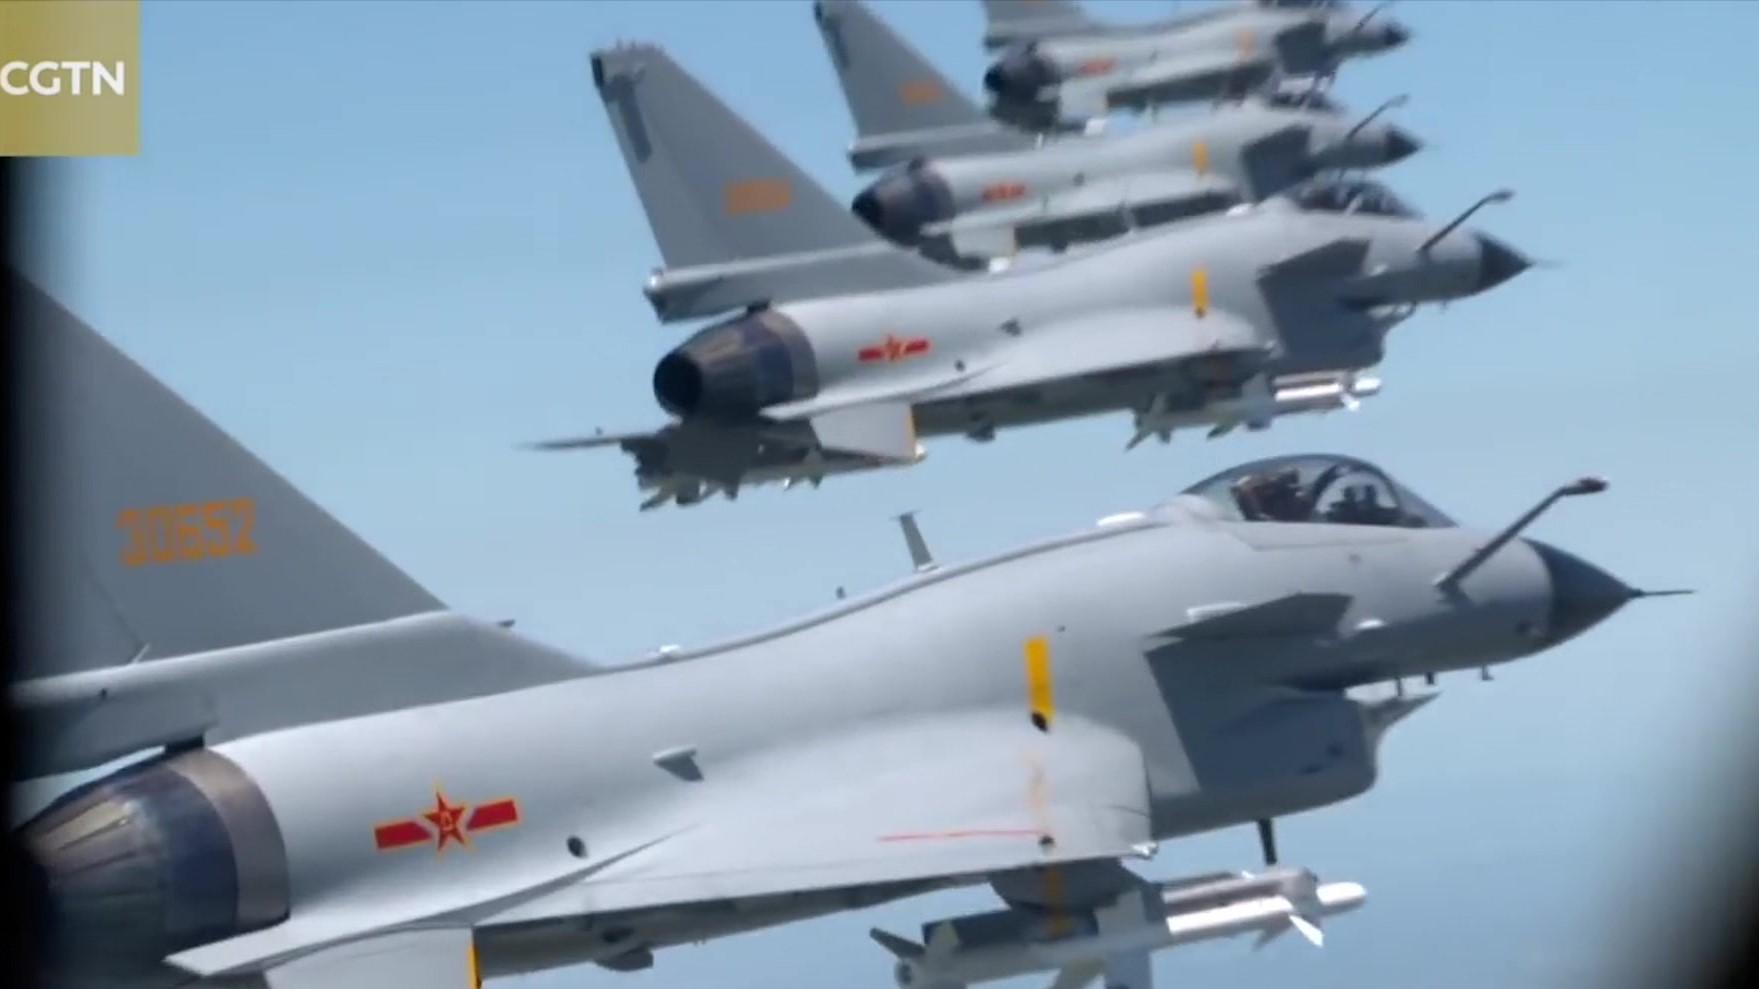 Globalizimi i ushtrisë kineze 'tremb' Perëndimin